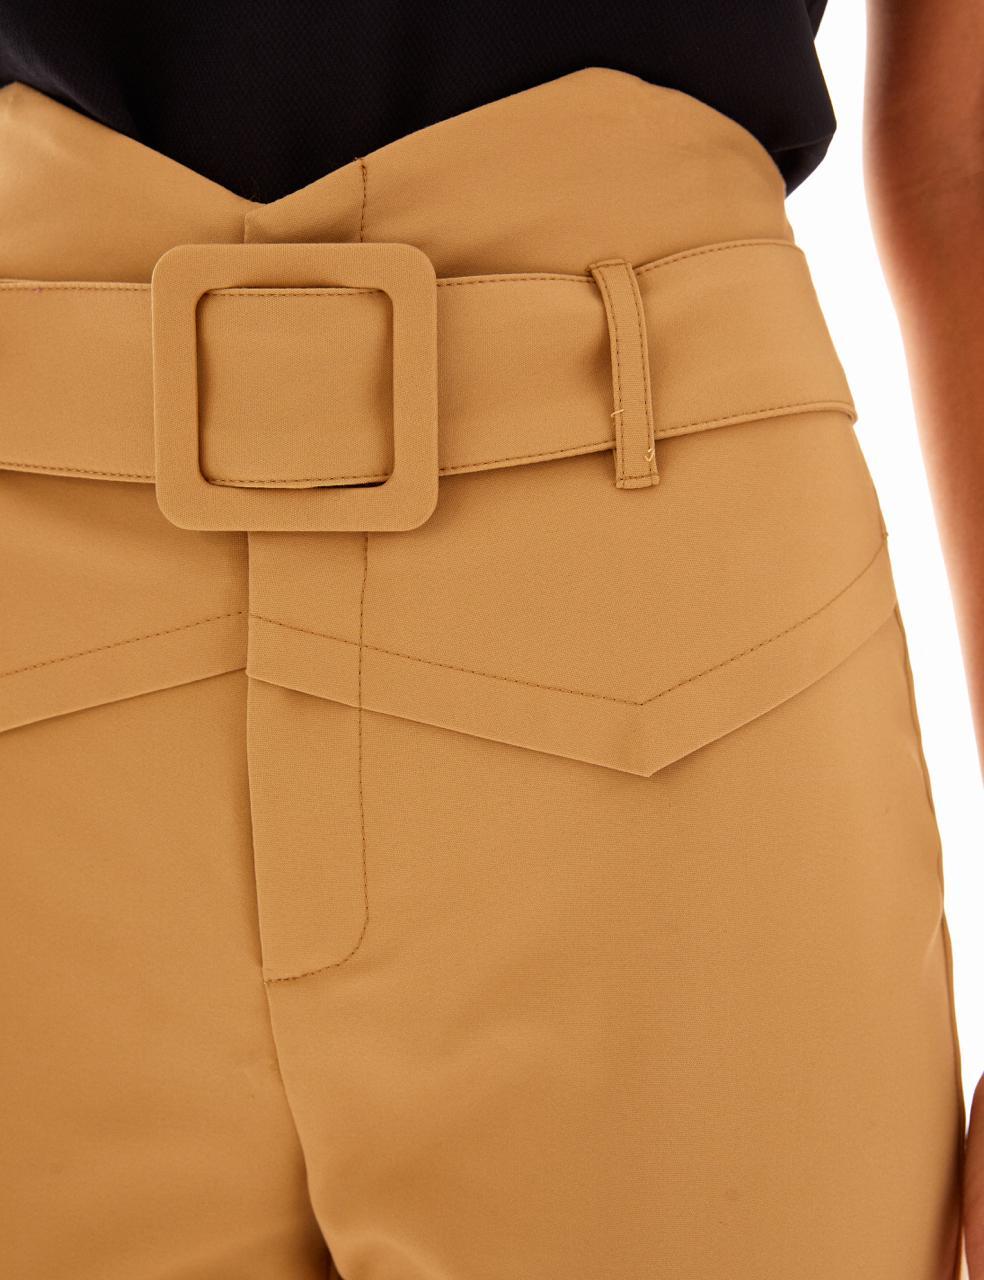 Calça Unique Skinny Alfaiataria Detalhe Nervuras + Cinto Fivelas Forrada 4% Elastano